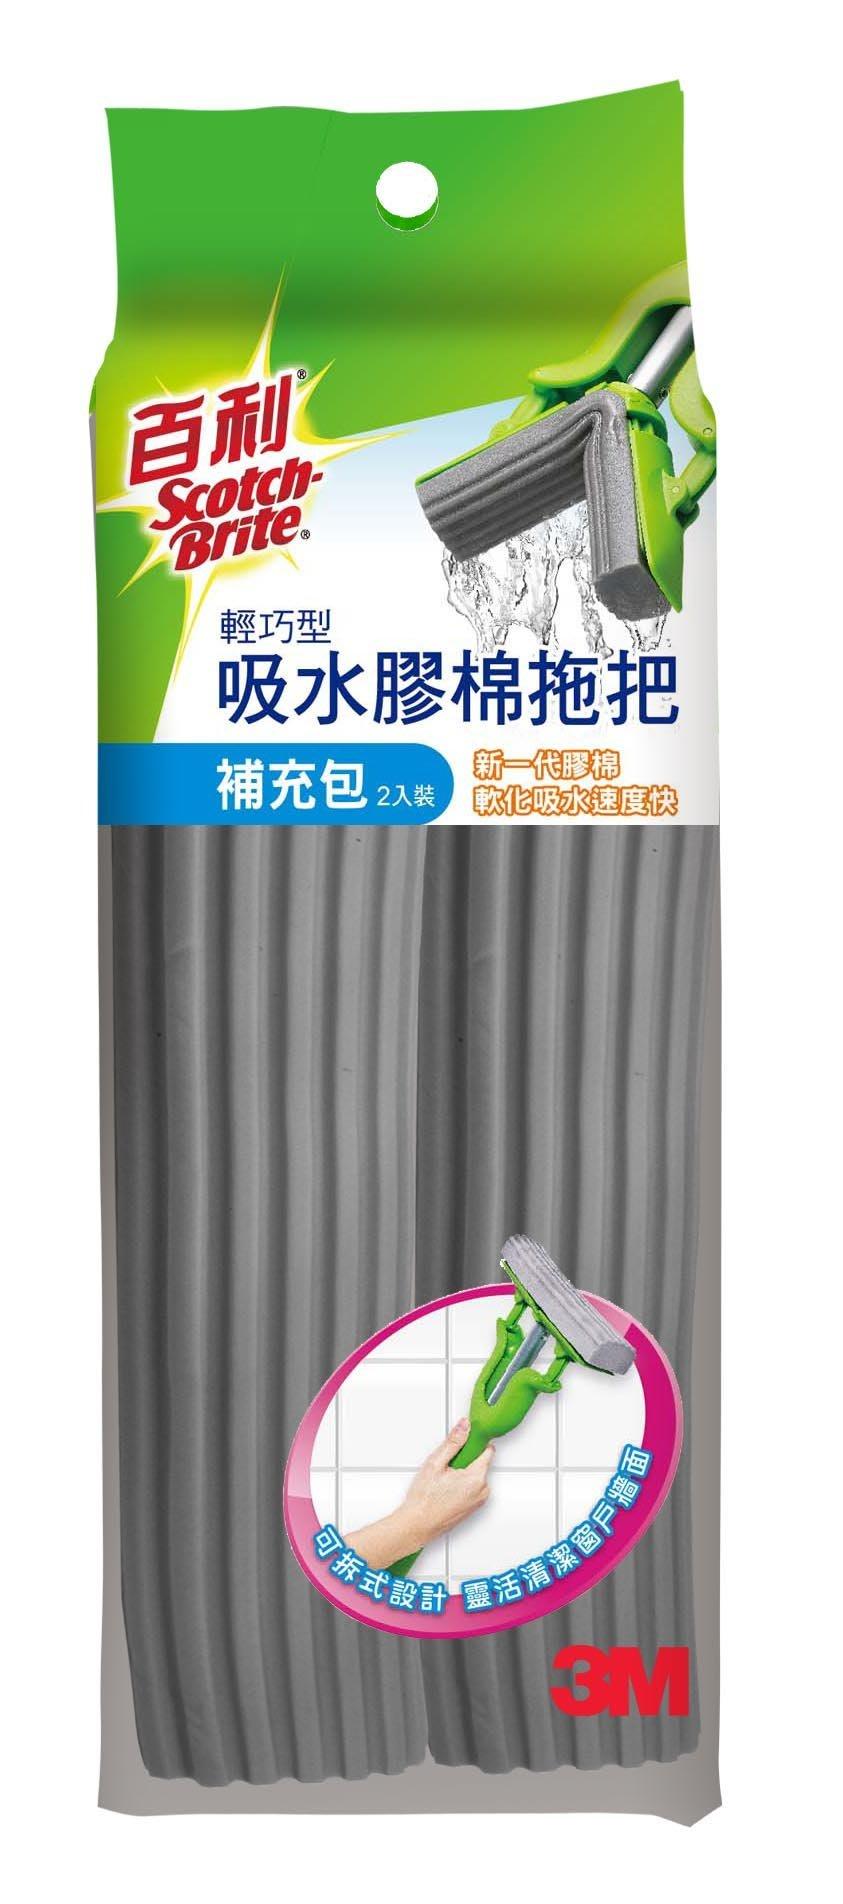 3M百利輕巧型吸水膠棉拖把補充包(二入裝) 吸水性強